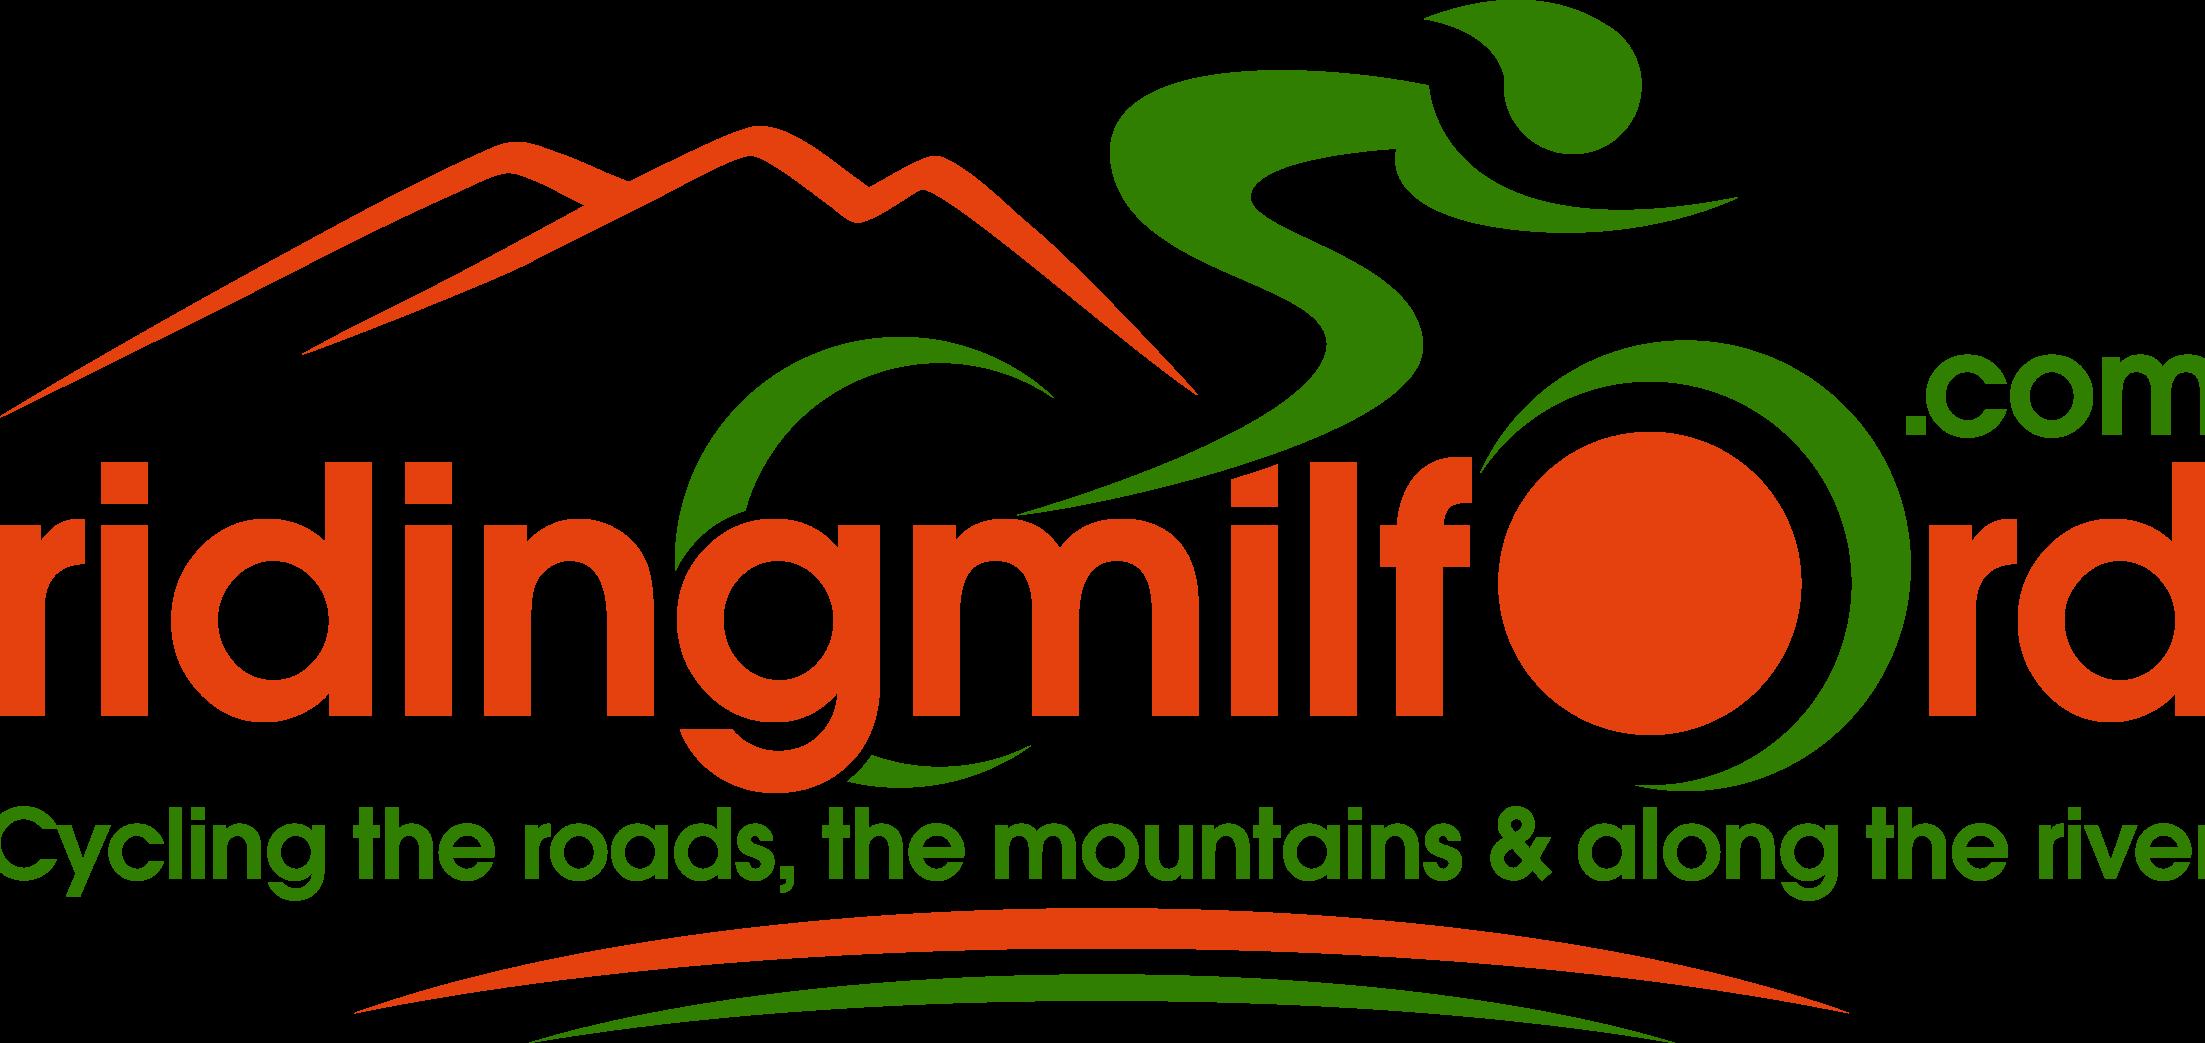 ridingmilford.com